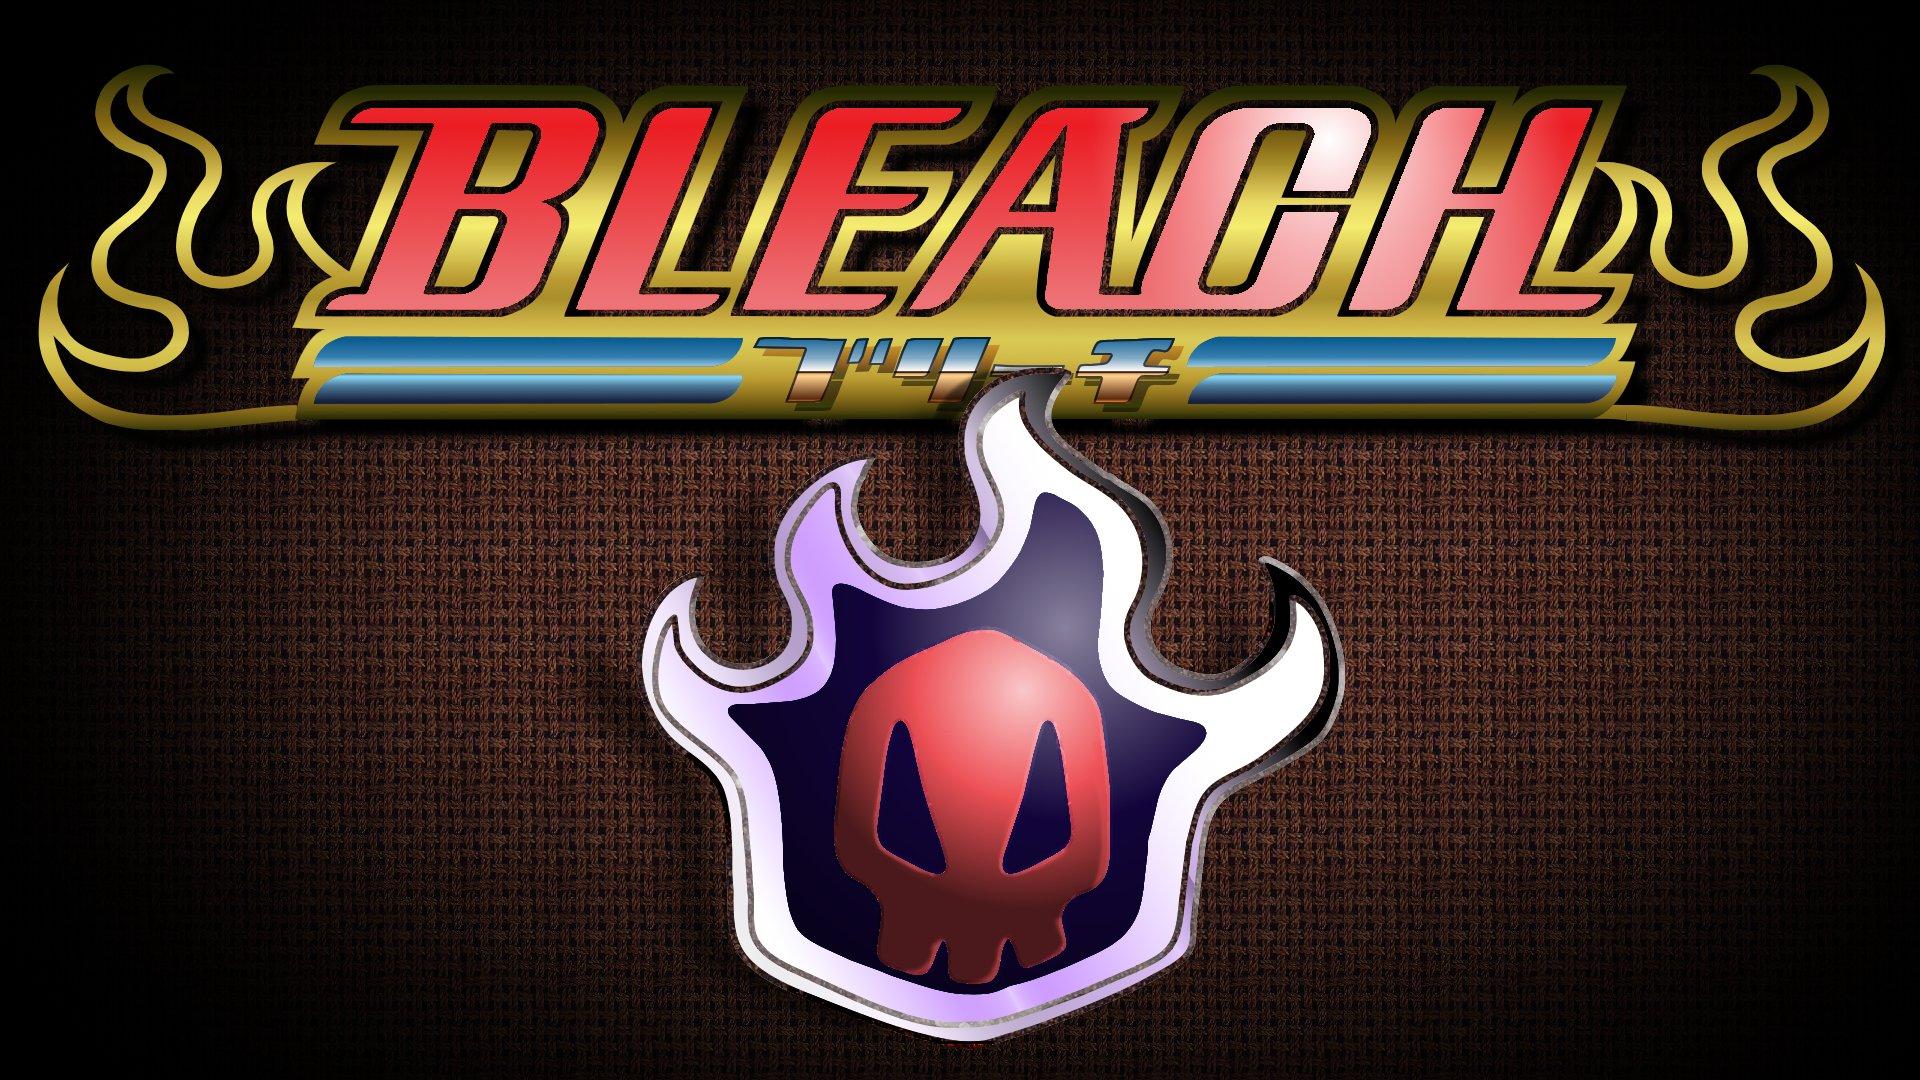 Bleach Bleach Logo Photos Image Digital Cute